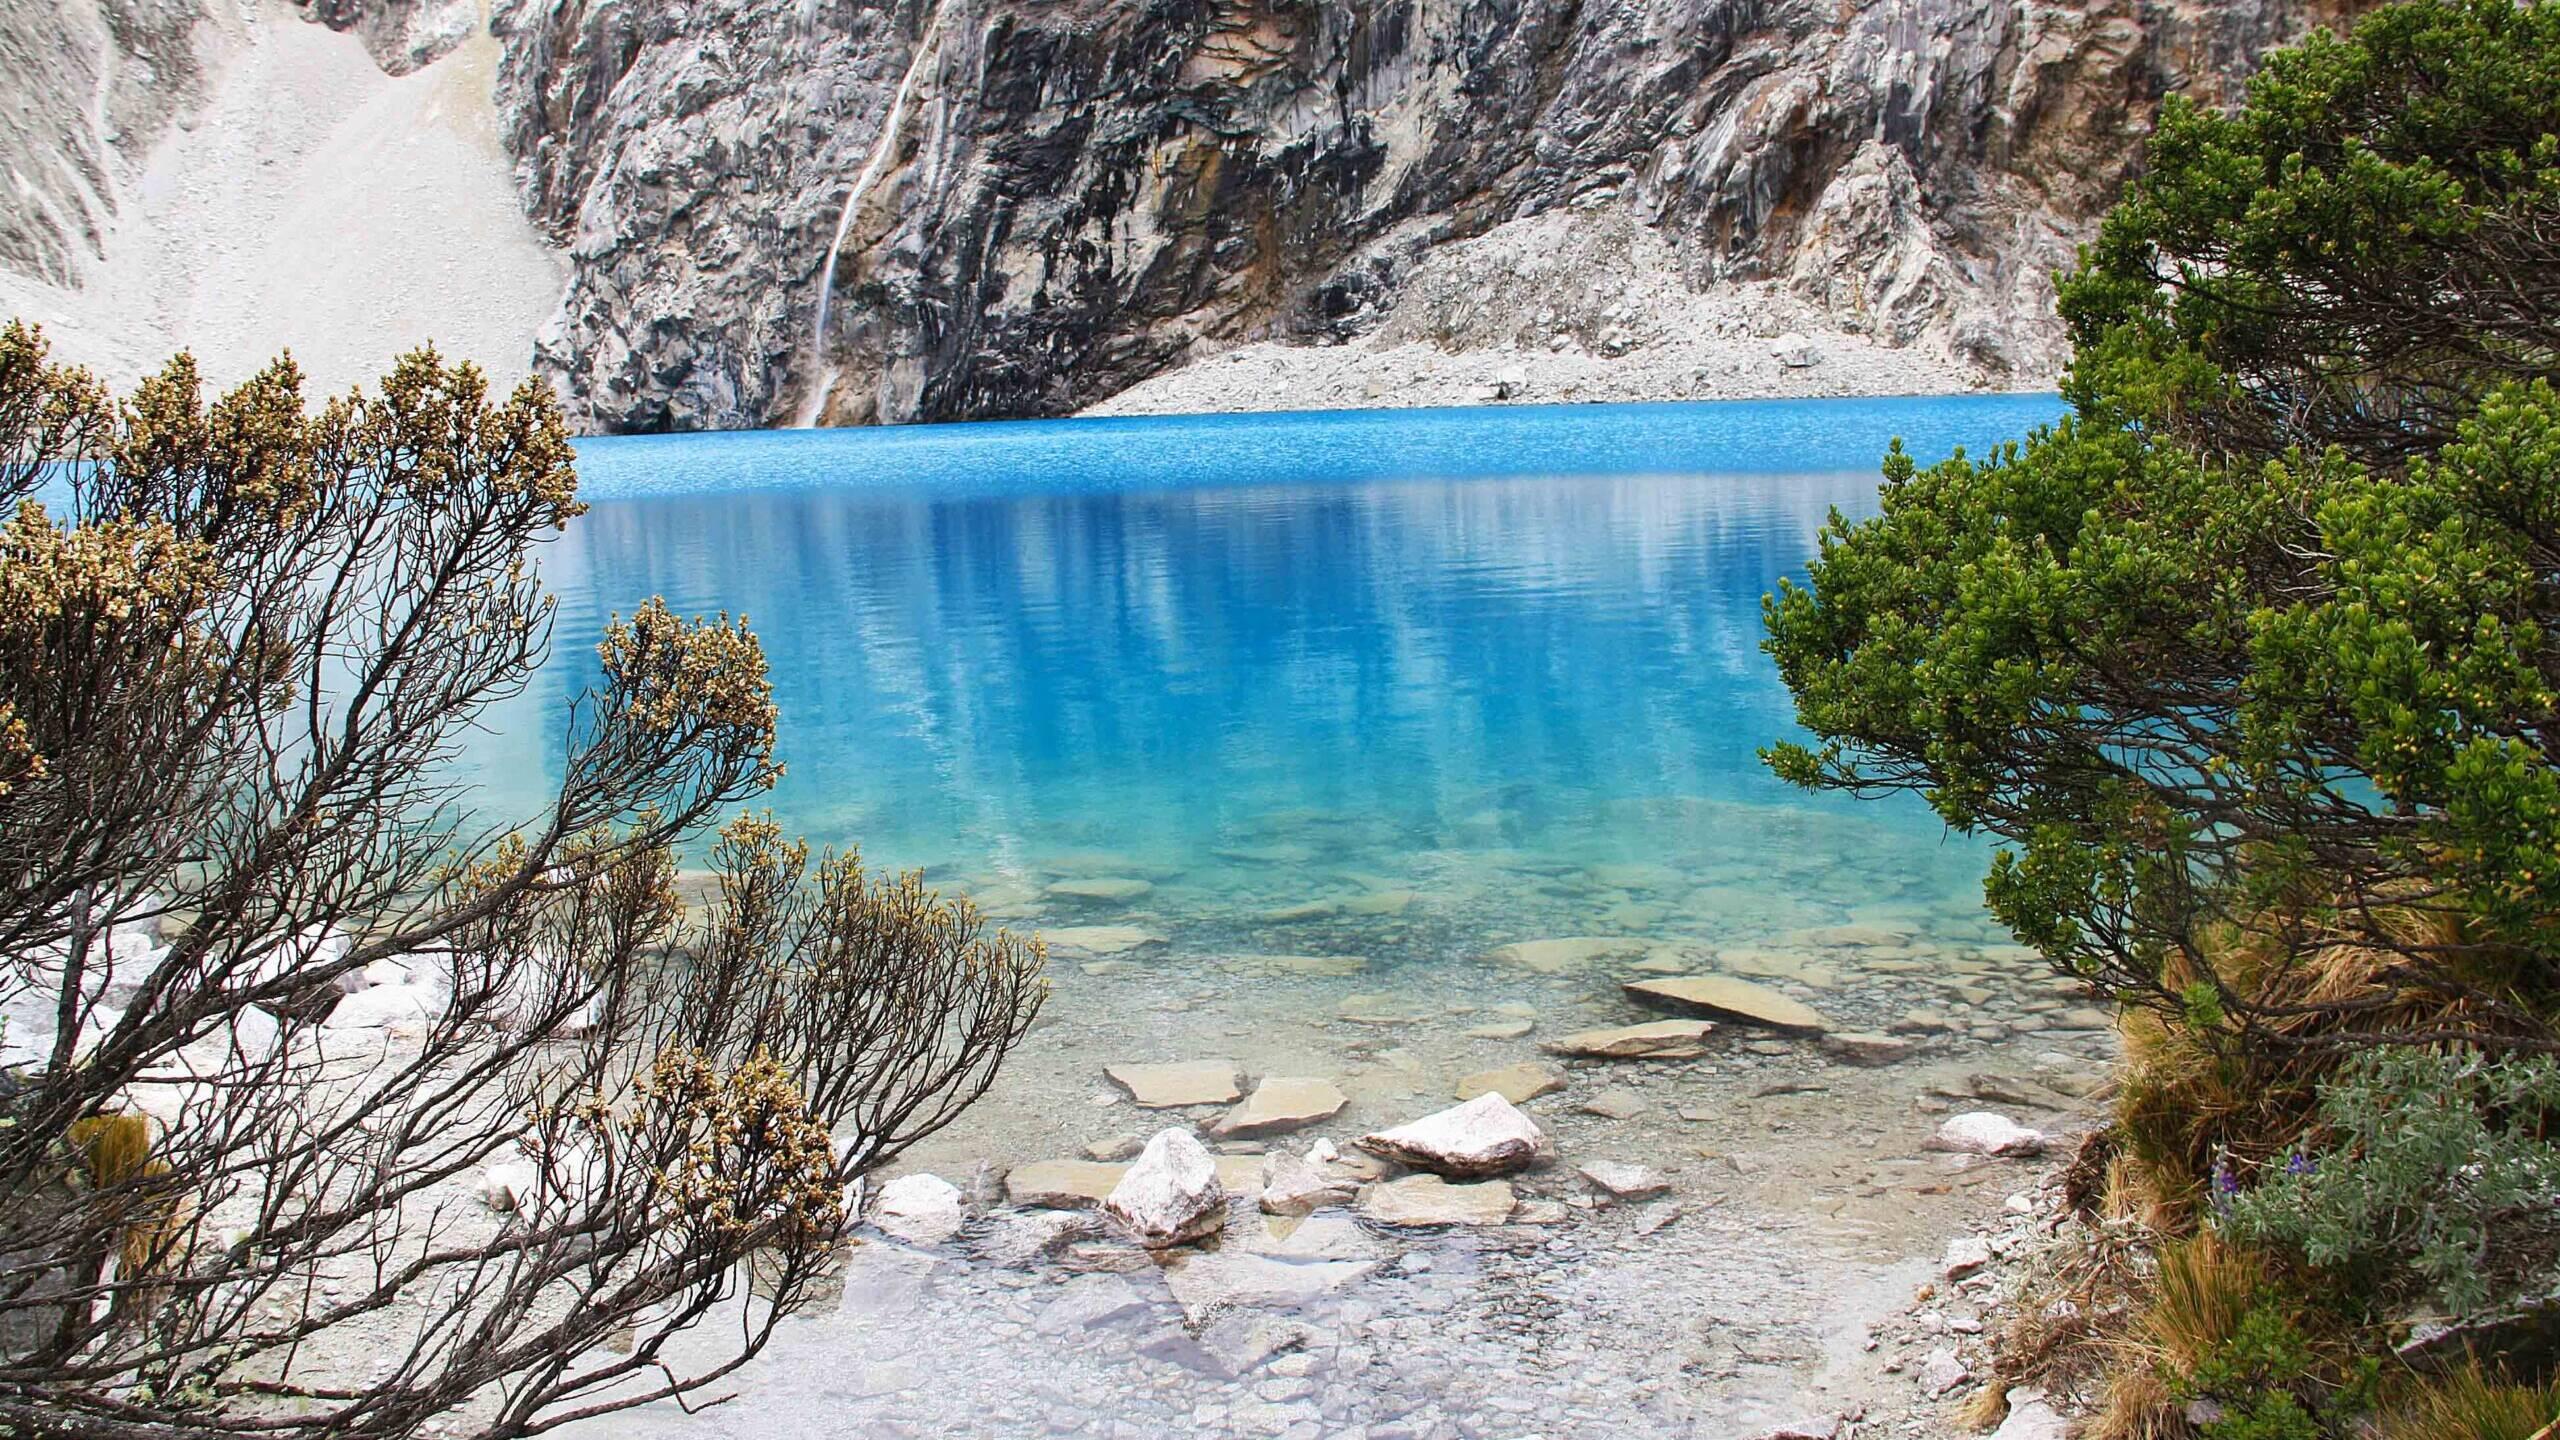 Laguna 69 in Huaraz Peru